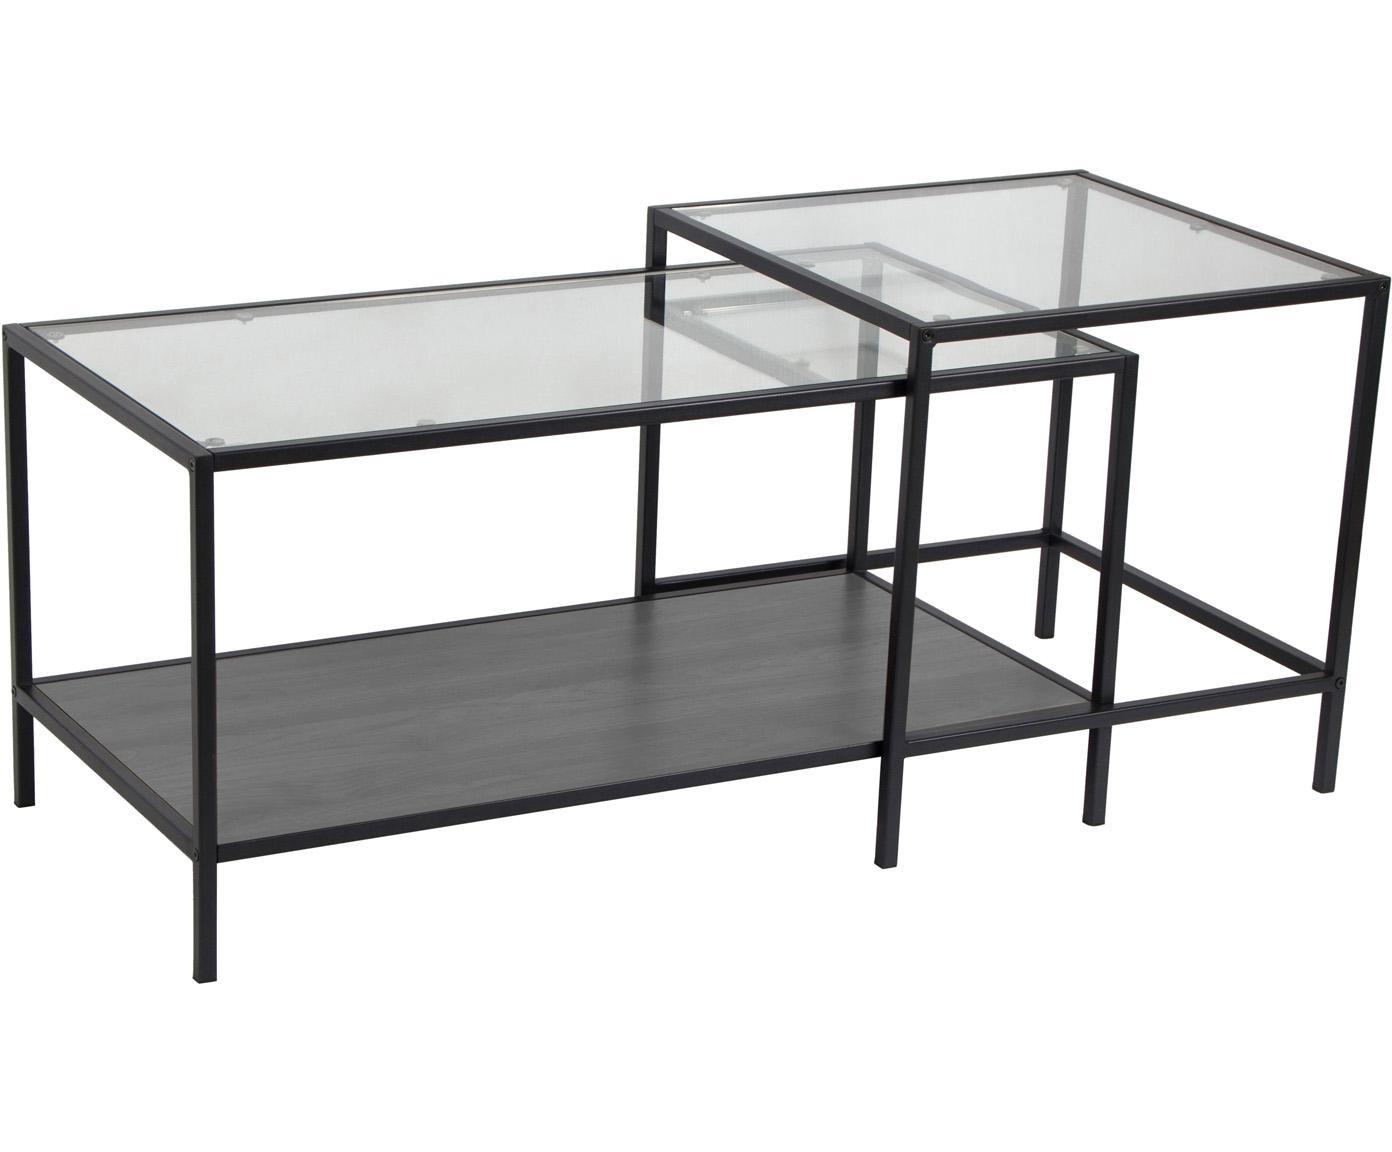 Bijzettafelset Seaford van hout en metaal, Frame: metaal, Zwart, transparant, B 90 x D 55 cm